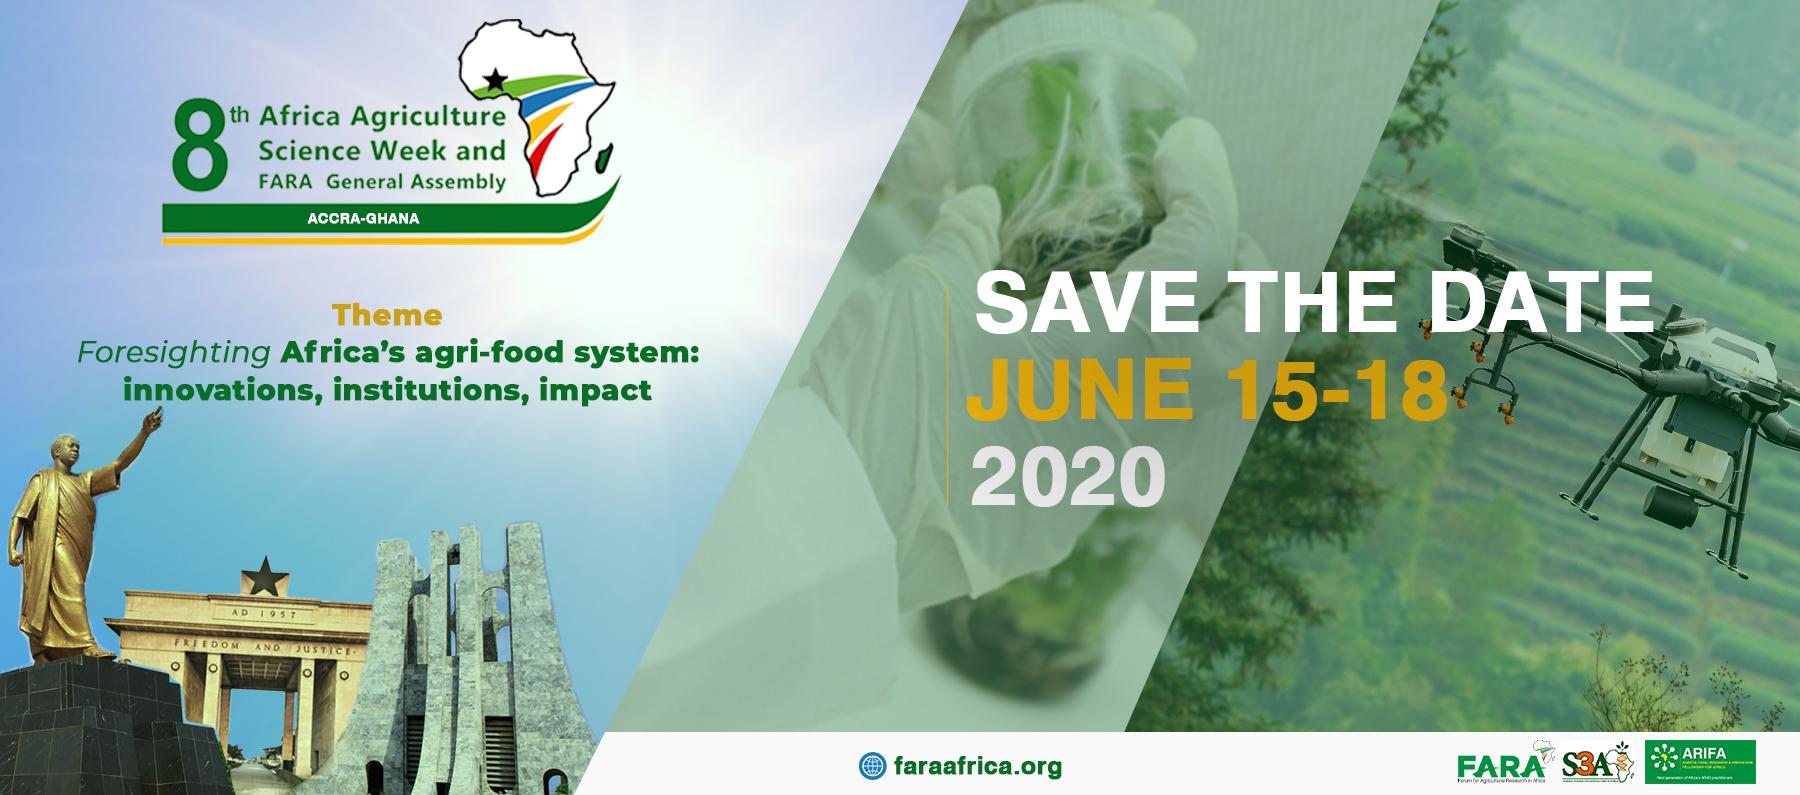 Le FARA annonce la tenue de la 8e édition de la Semaine africaine des sciences agricoles (SASA8) et Assemblée générale du FARA